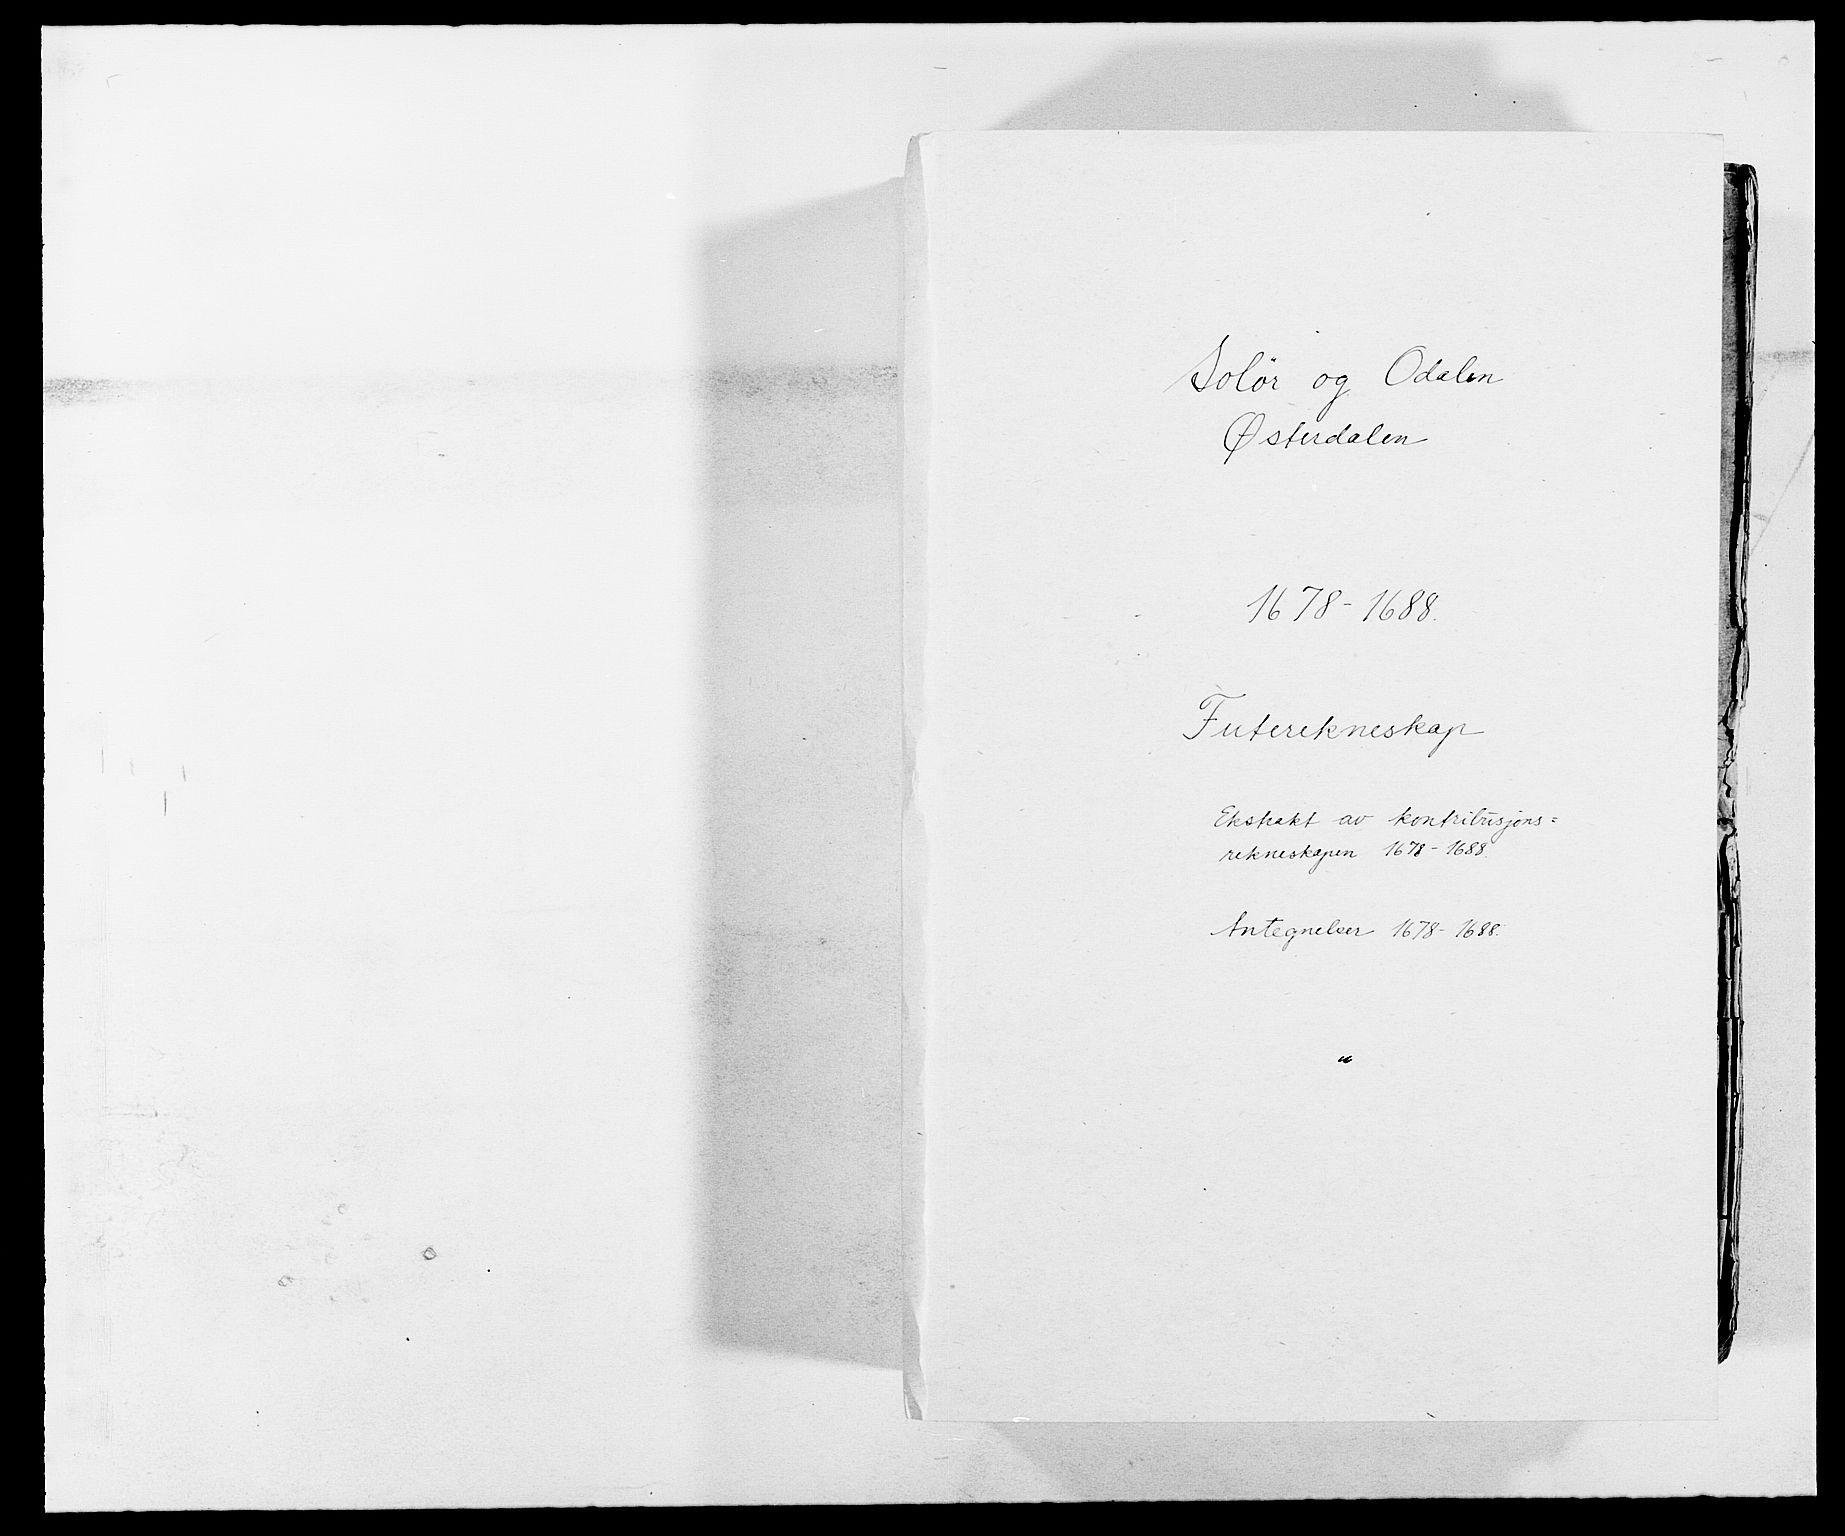 RA, Rentekammeret inntil 1814, Reviderte regnskaper, Fogderegnskap, R13/L0826: Fogderegnskap Solør, Odal og Østerdal, 1688, s. 1